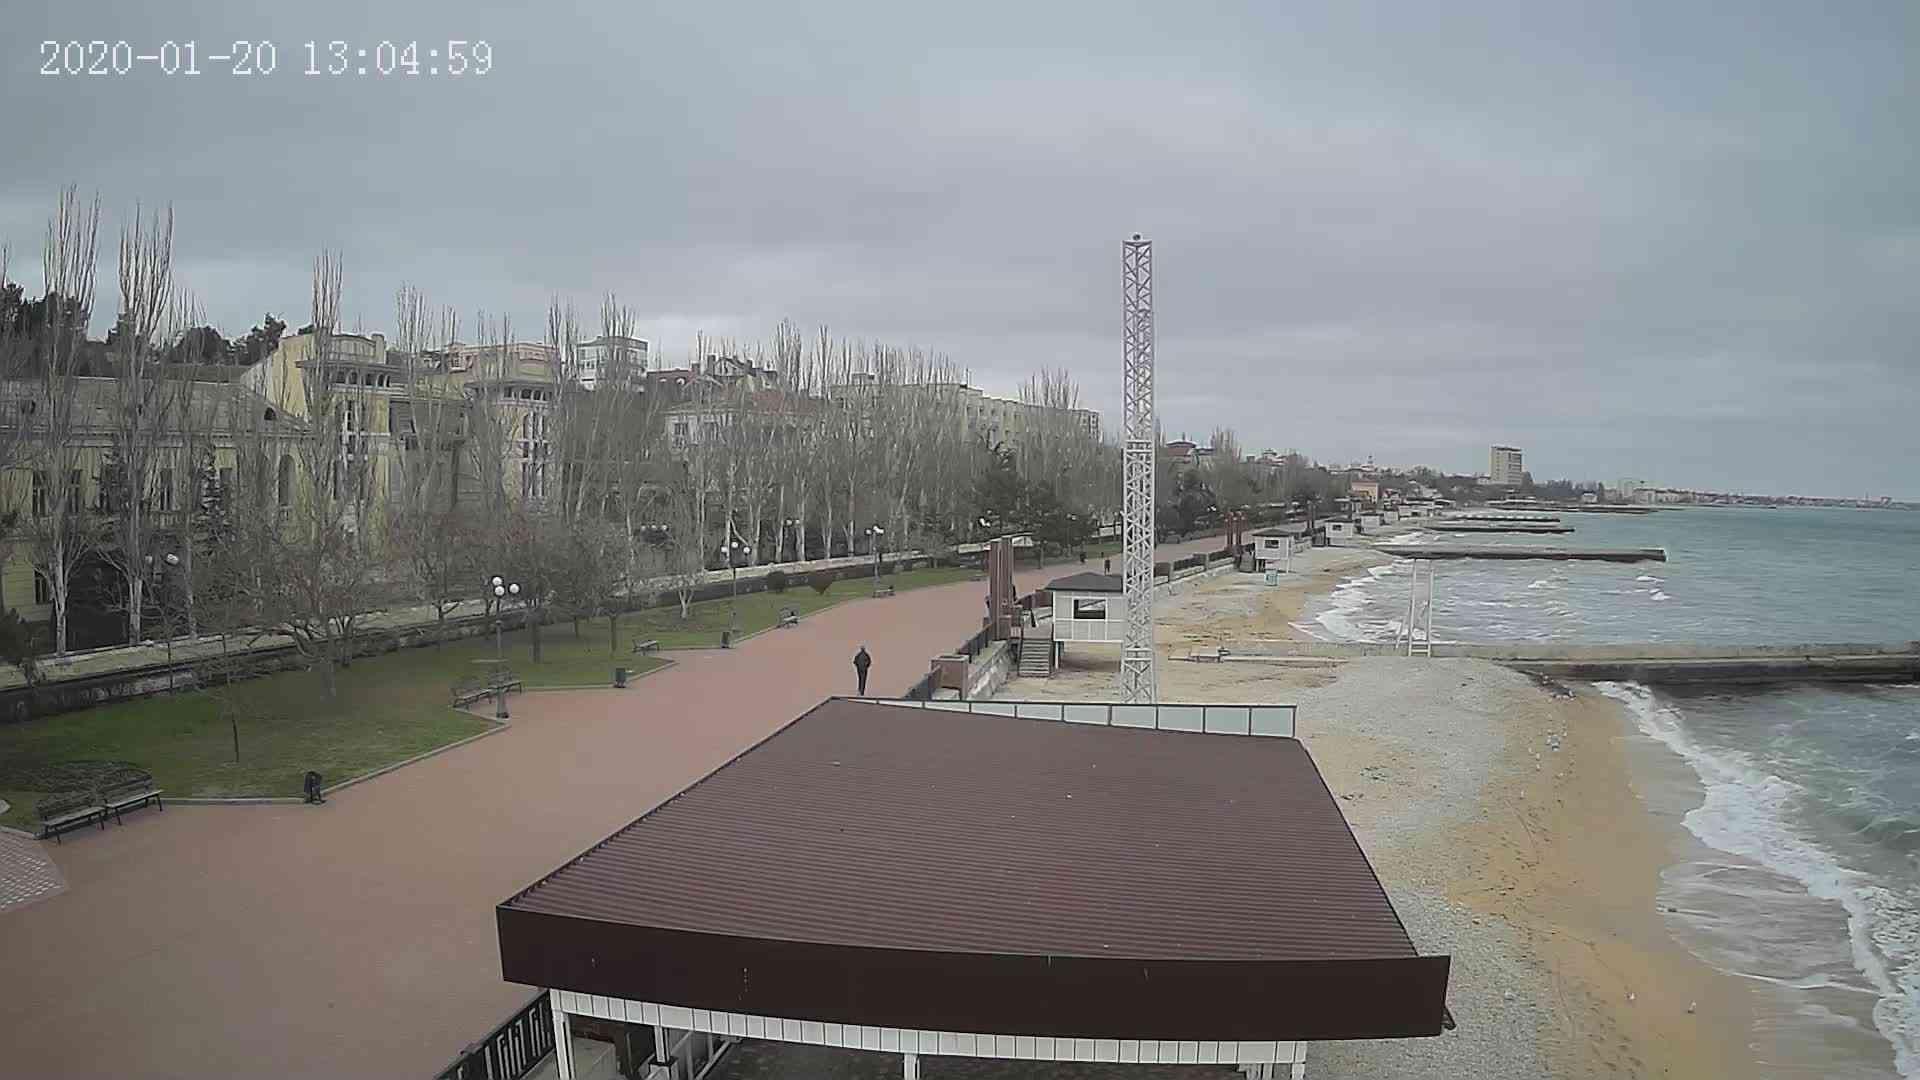 Веб-камеры Феодосии, Пляж Камешки, 2020-01-20 13:05:20